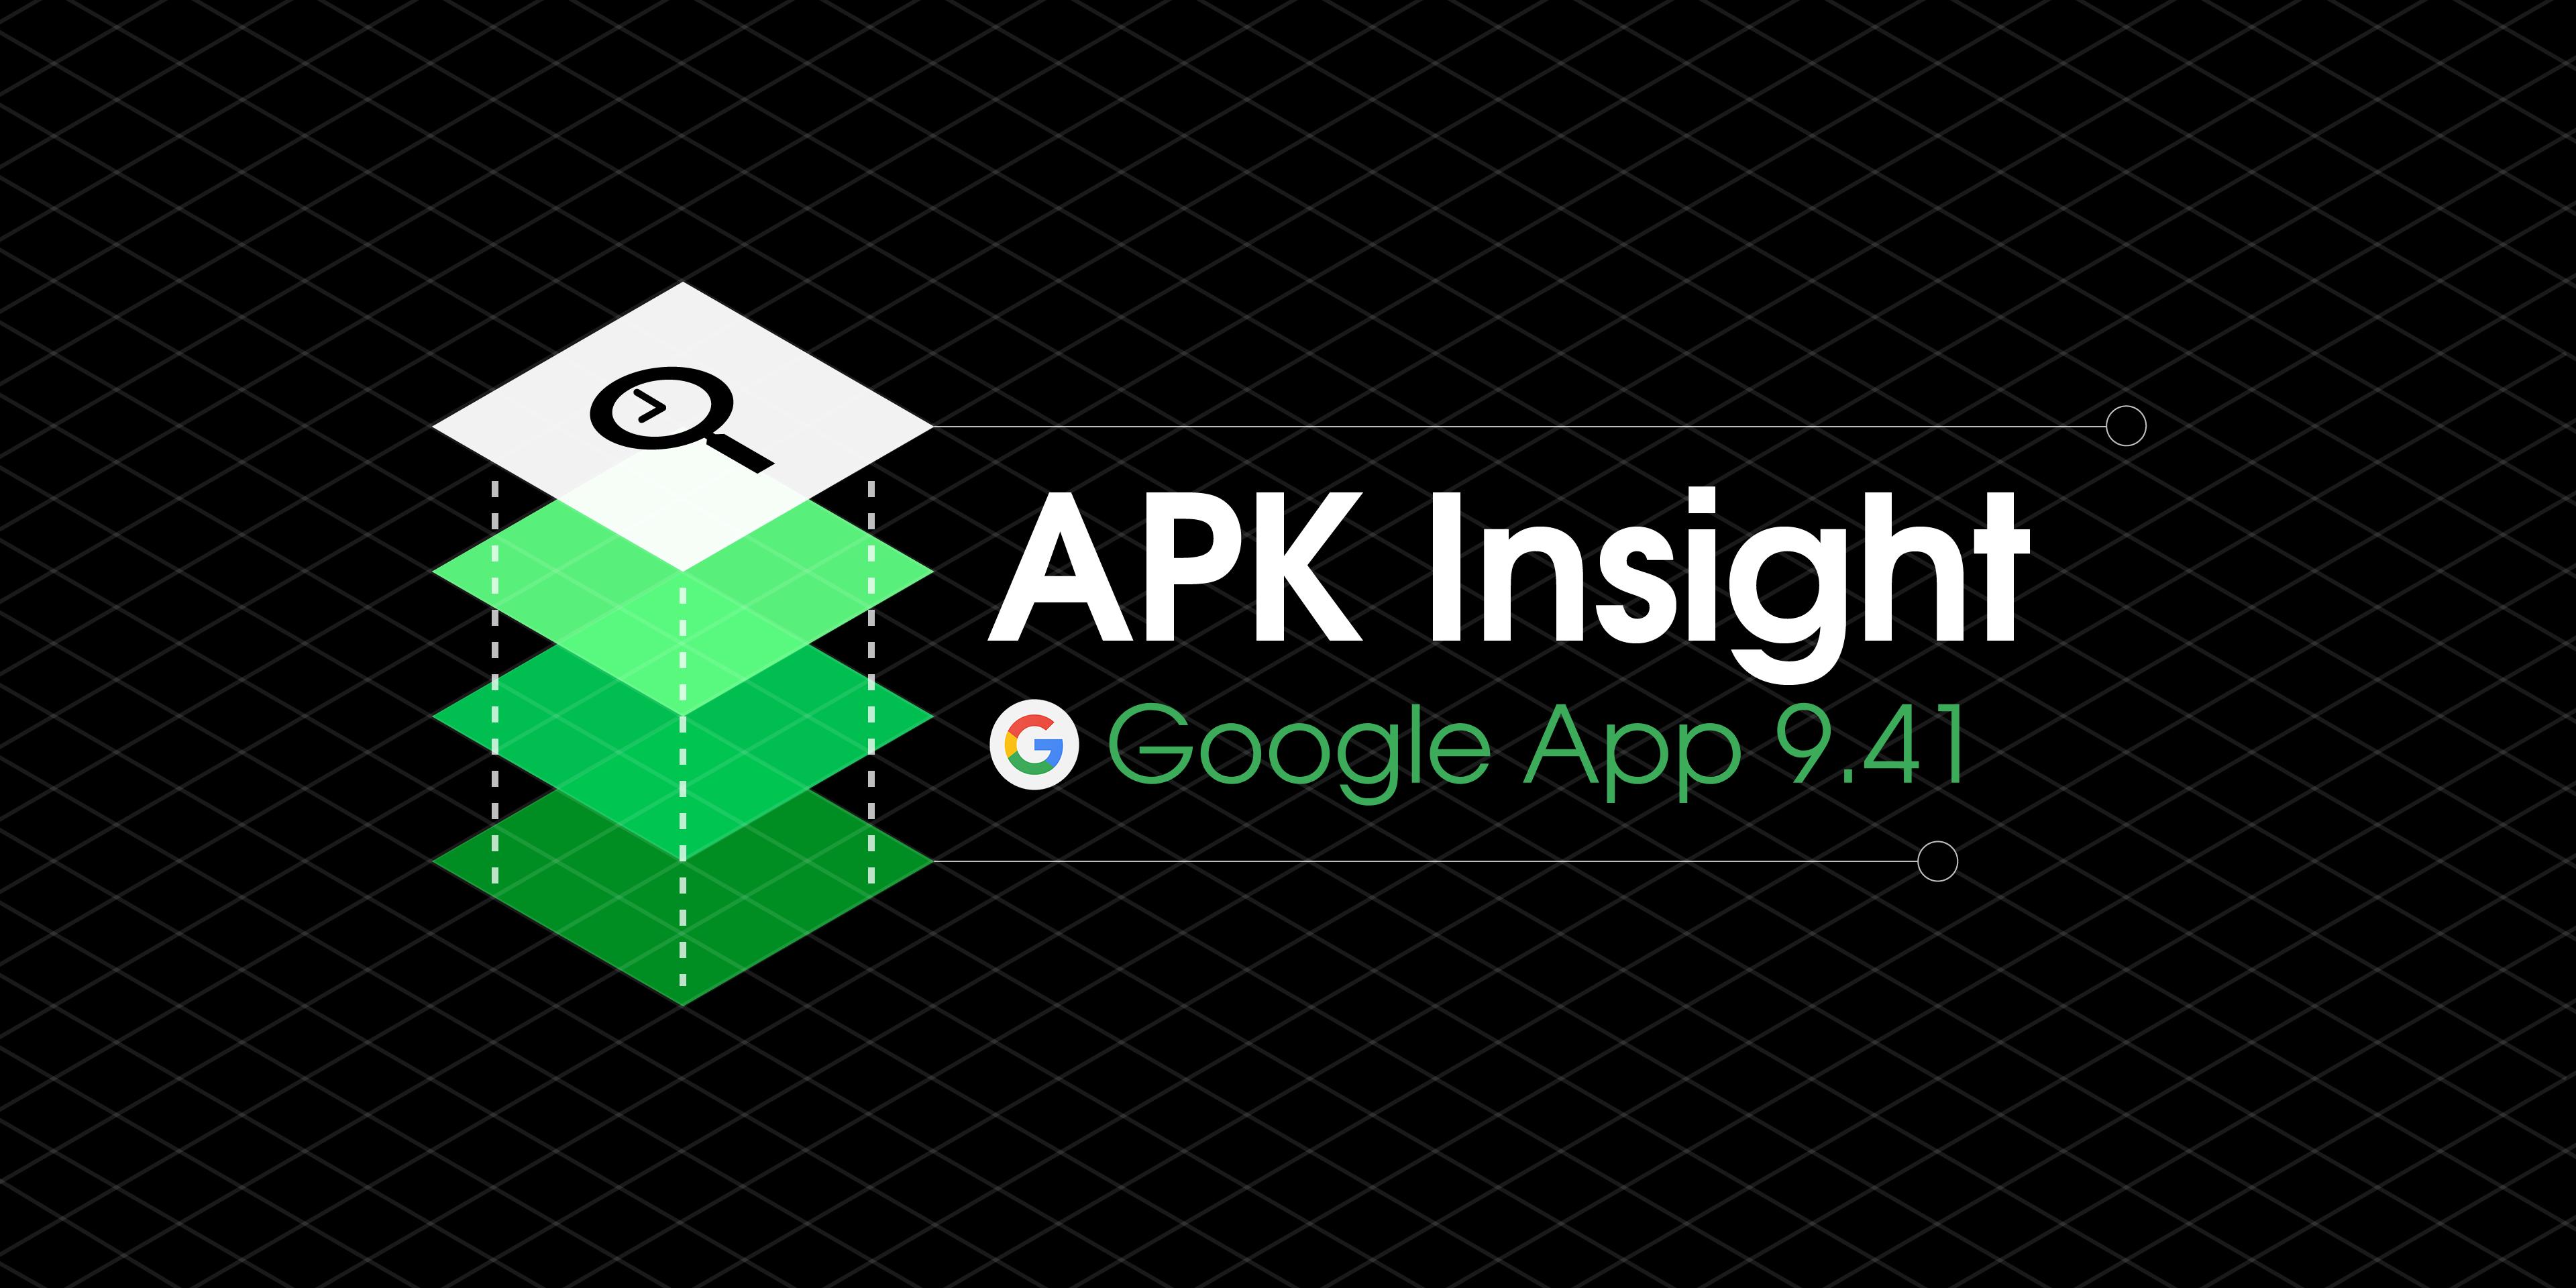 Google App 9.41 setzt die Arbeit an Assistentenhaushalten fort und optimiert die Benutzeroberfläche [APK Insight]